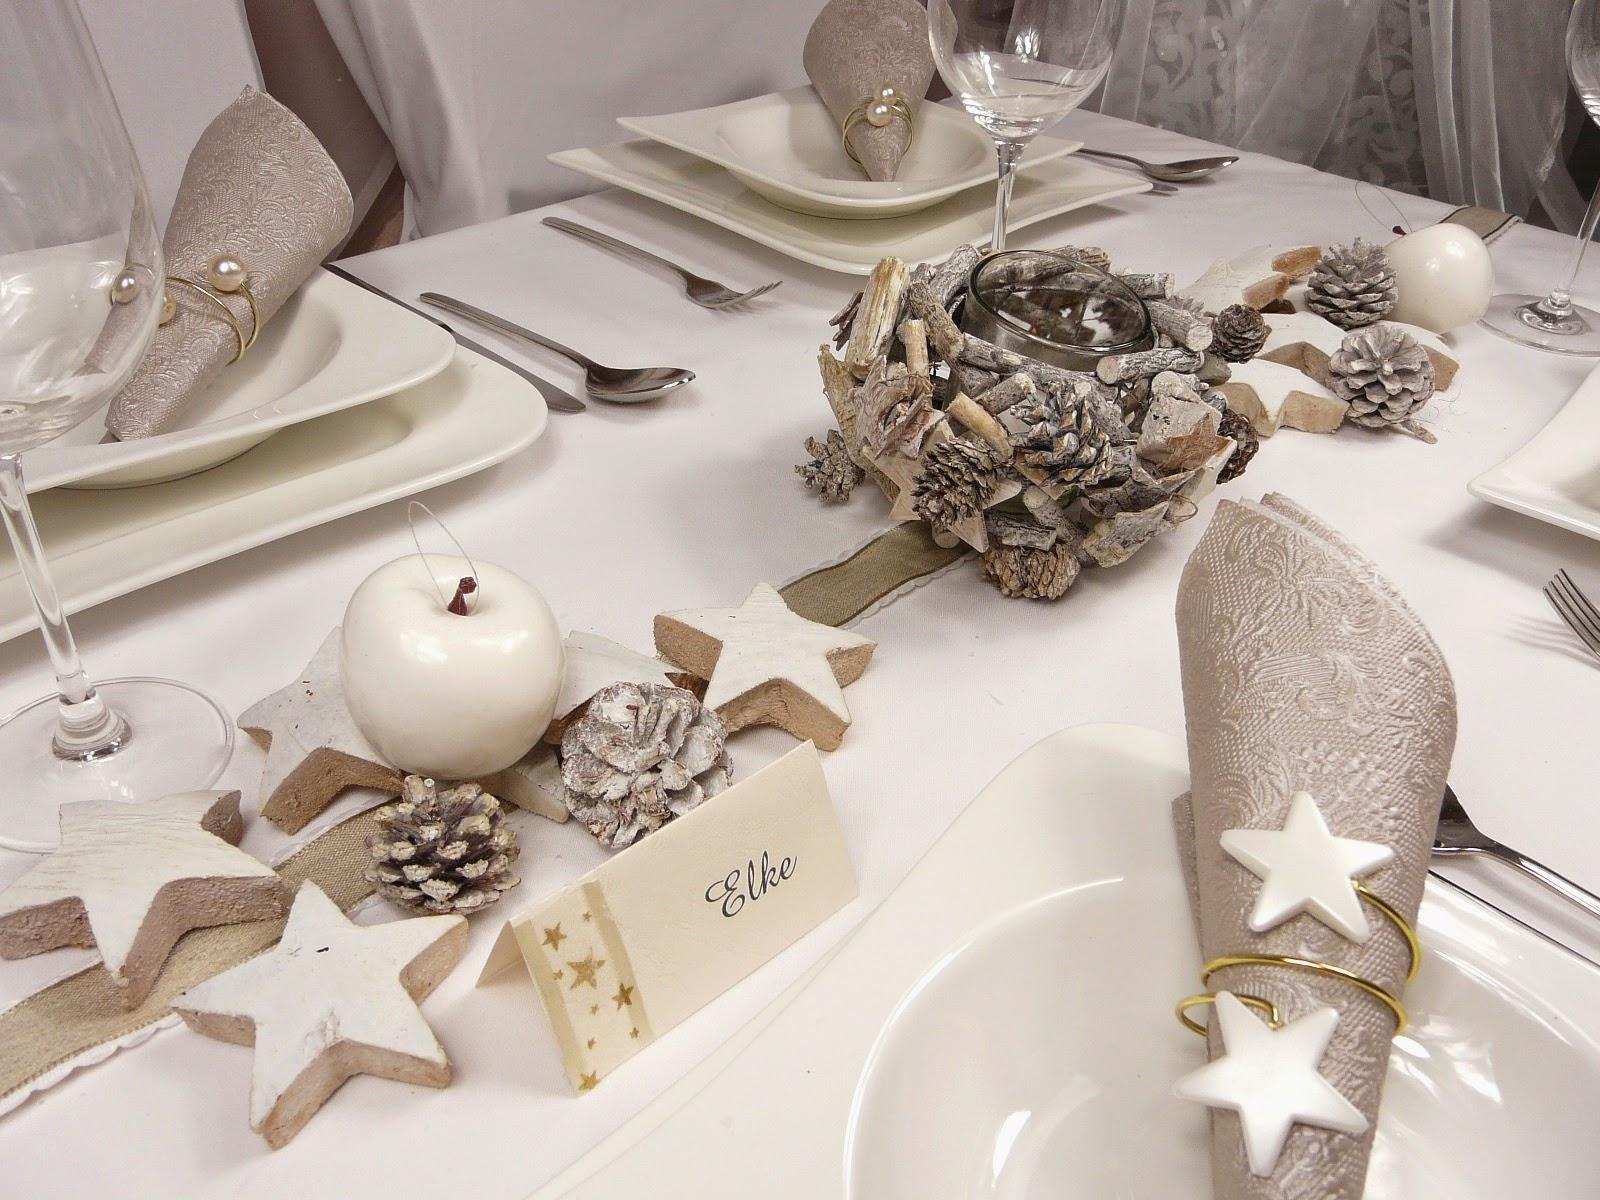 Tischdeko weihnachten natur  Tischdekoration, Mustertische und Hochzeitdeko - Tischdeko-online ...